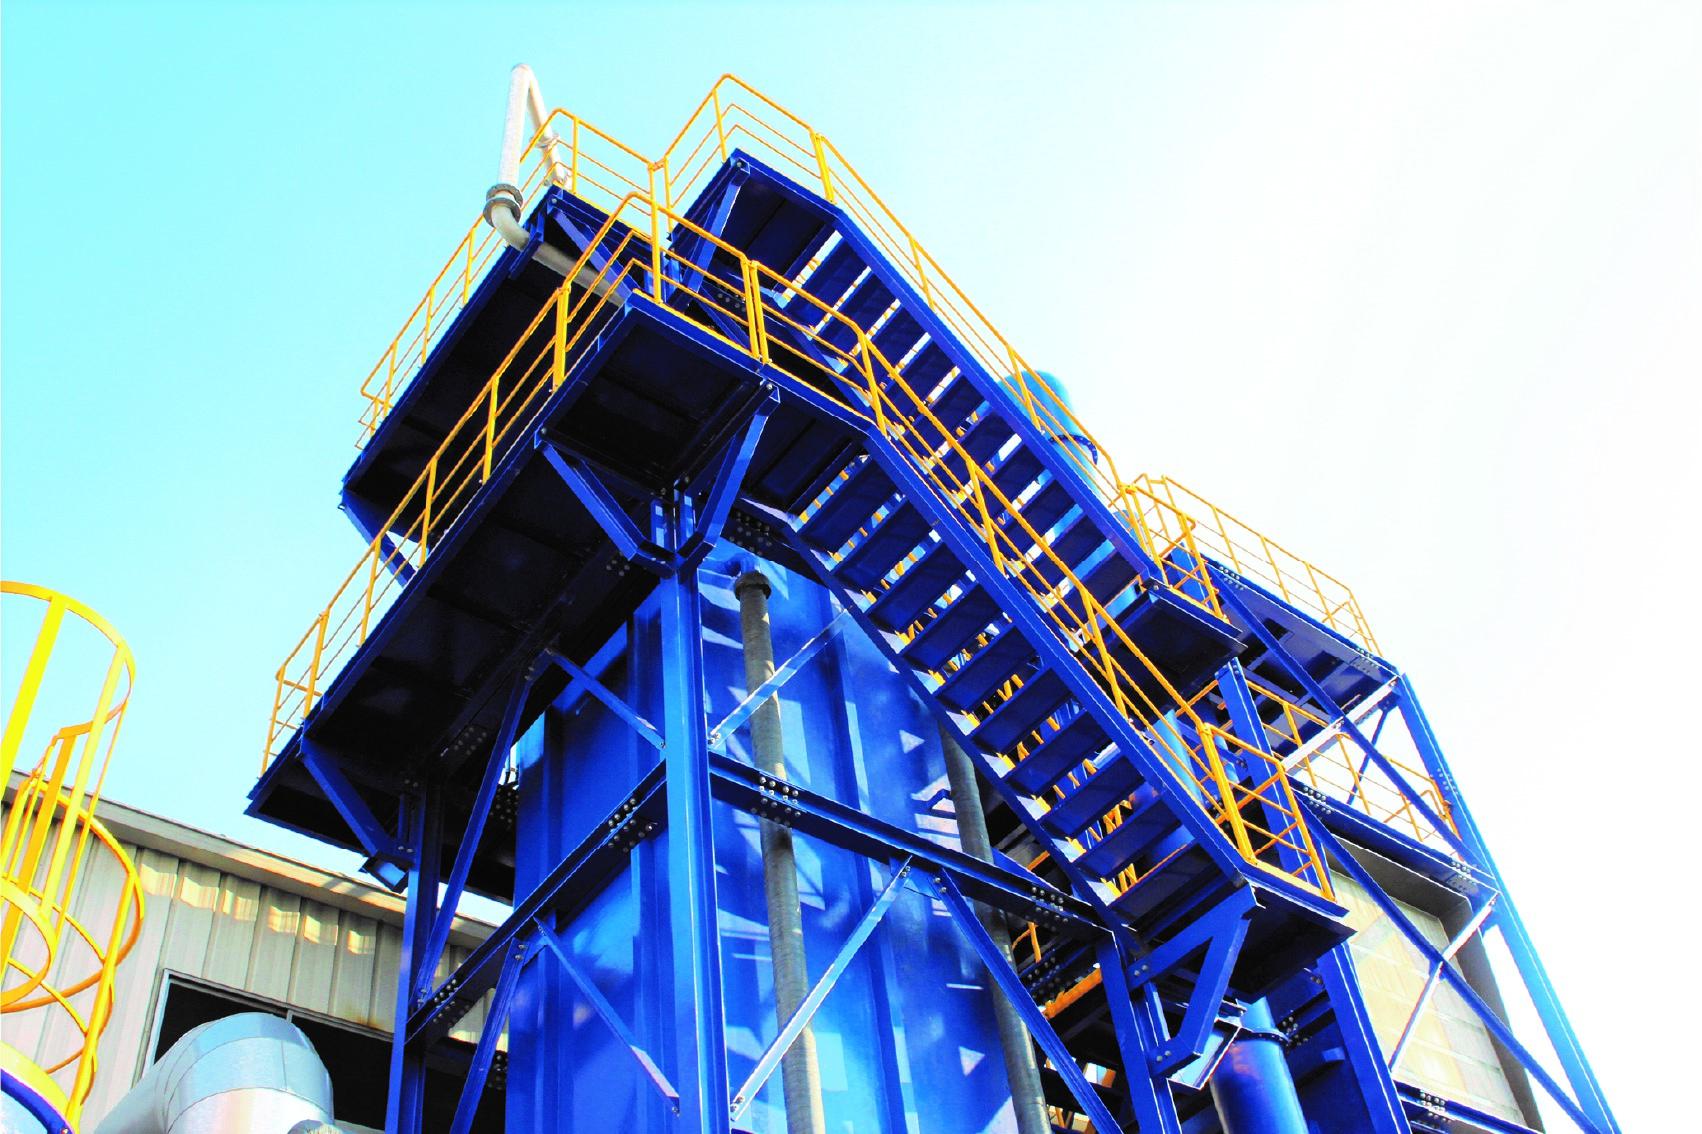 二次電池リサイクル工場の「産業廃棄物処分業許可」取得に関するお知らせ